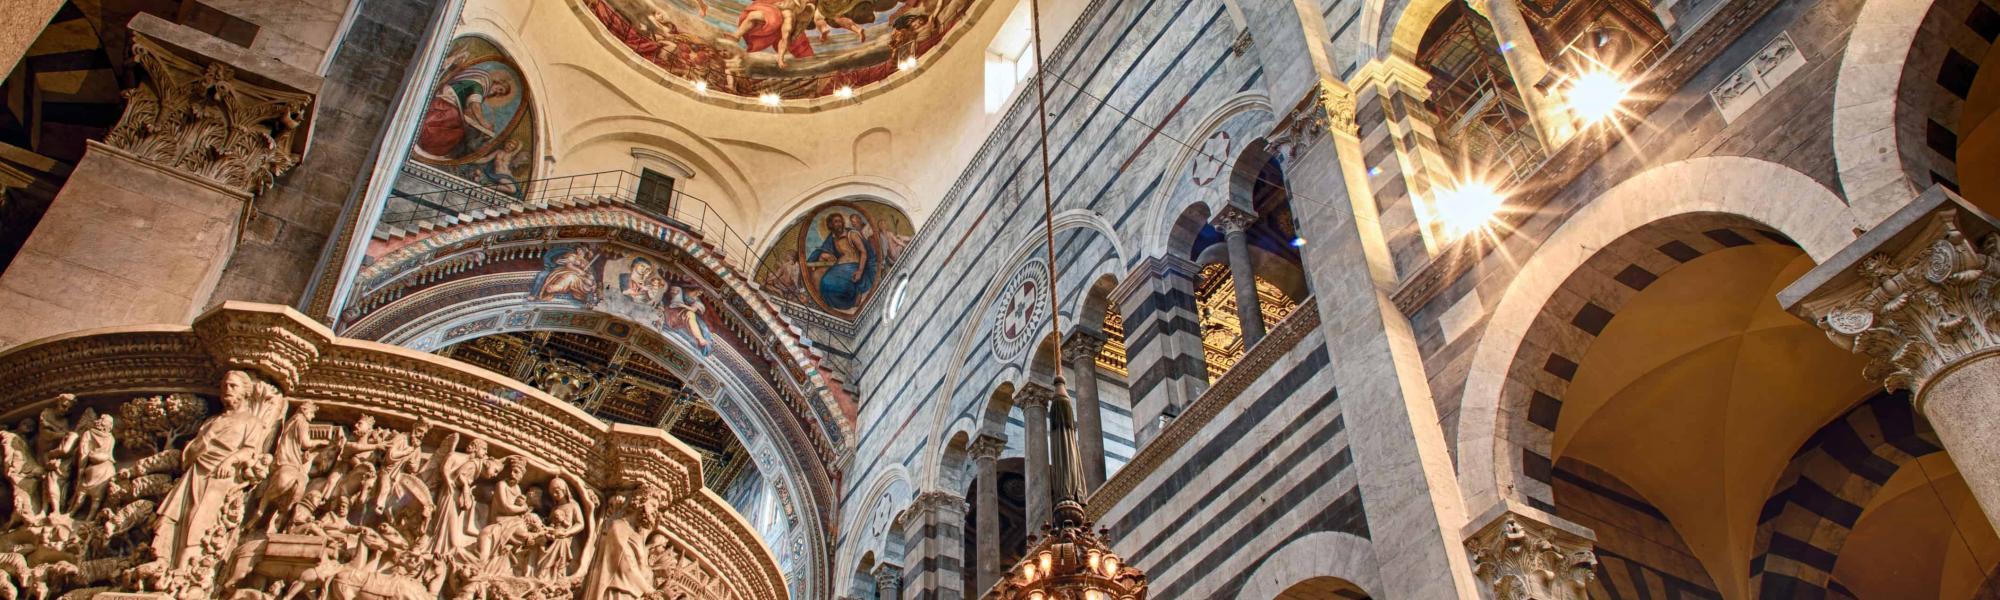 Pulpito, lampadario e cupola all'interno della cattedrale